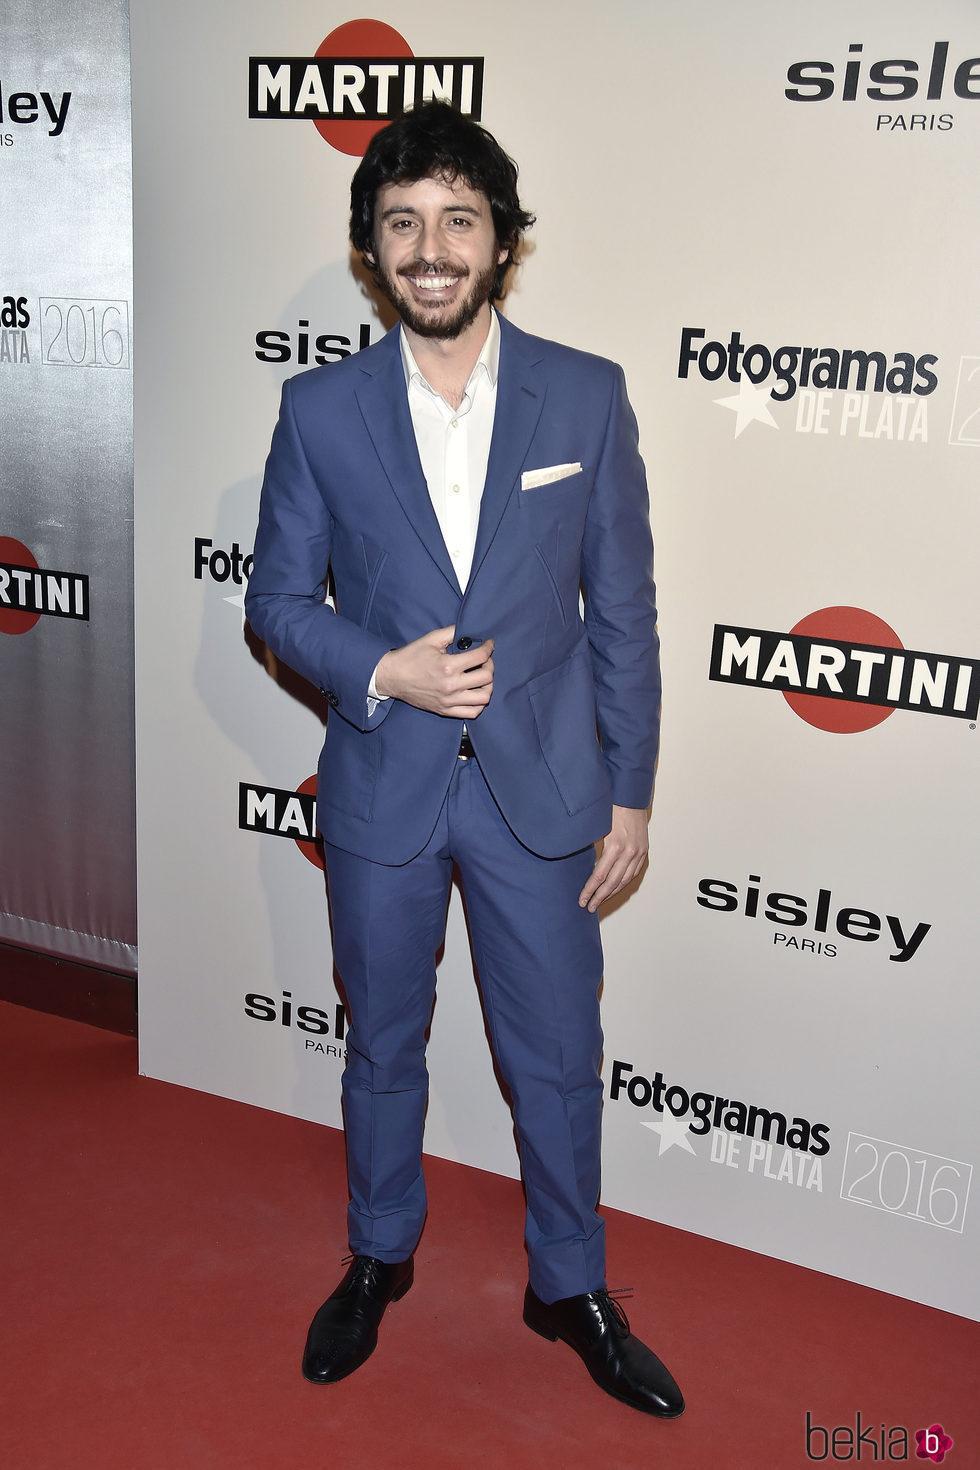 Javier Pereira en la alfombra roja de los Premios Fotogramas de Plata 2016